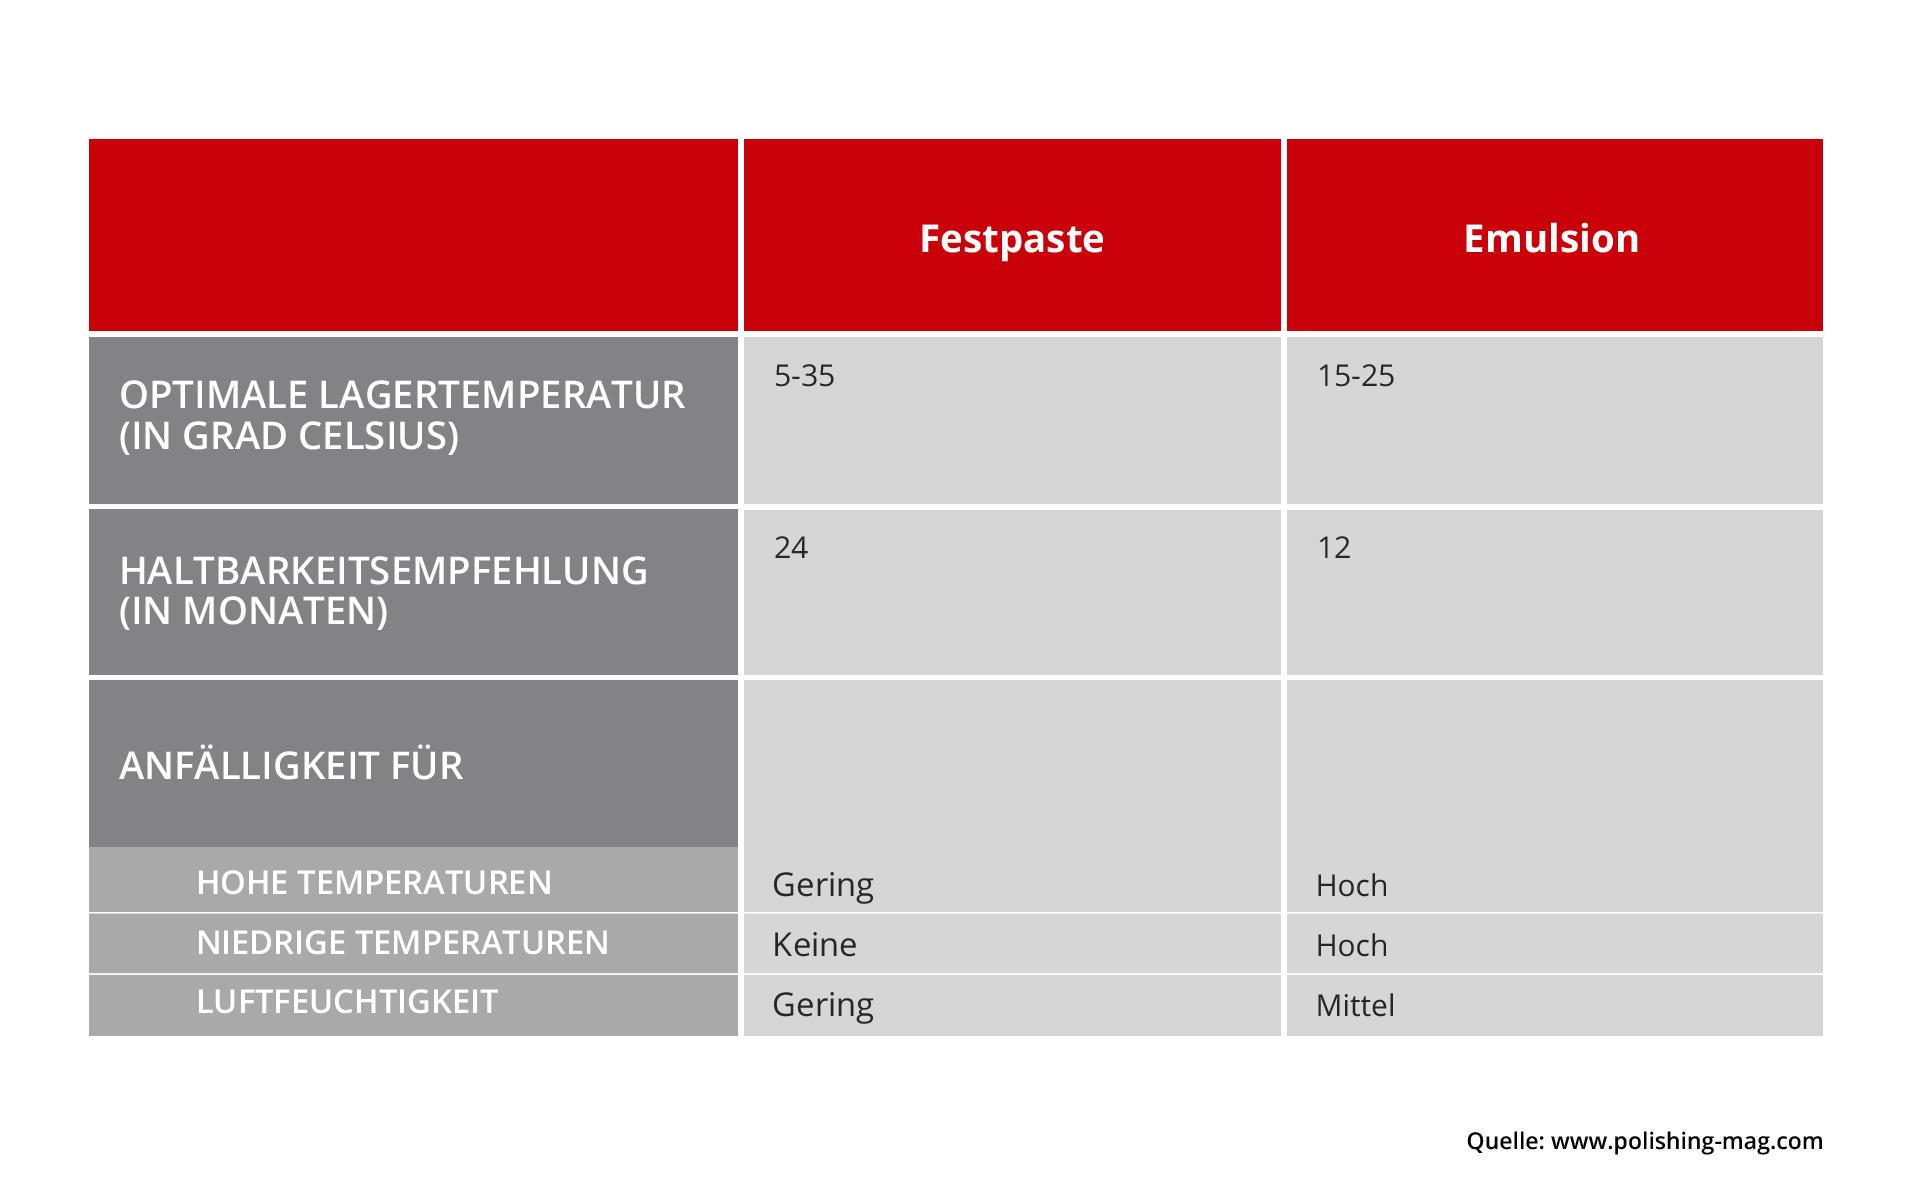 Die Tabelle zeigt die optimalen Lagerbedingungen und Haltbarkeit für Festpasten und Emulsionen.